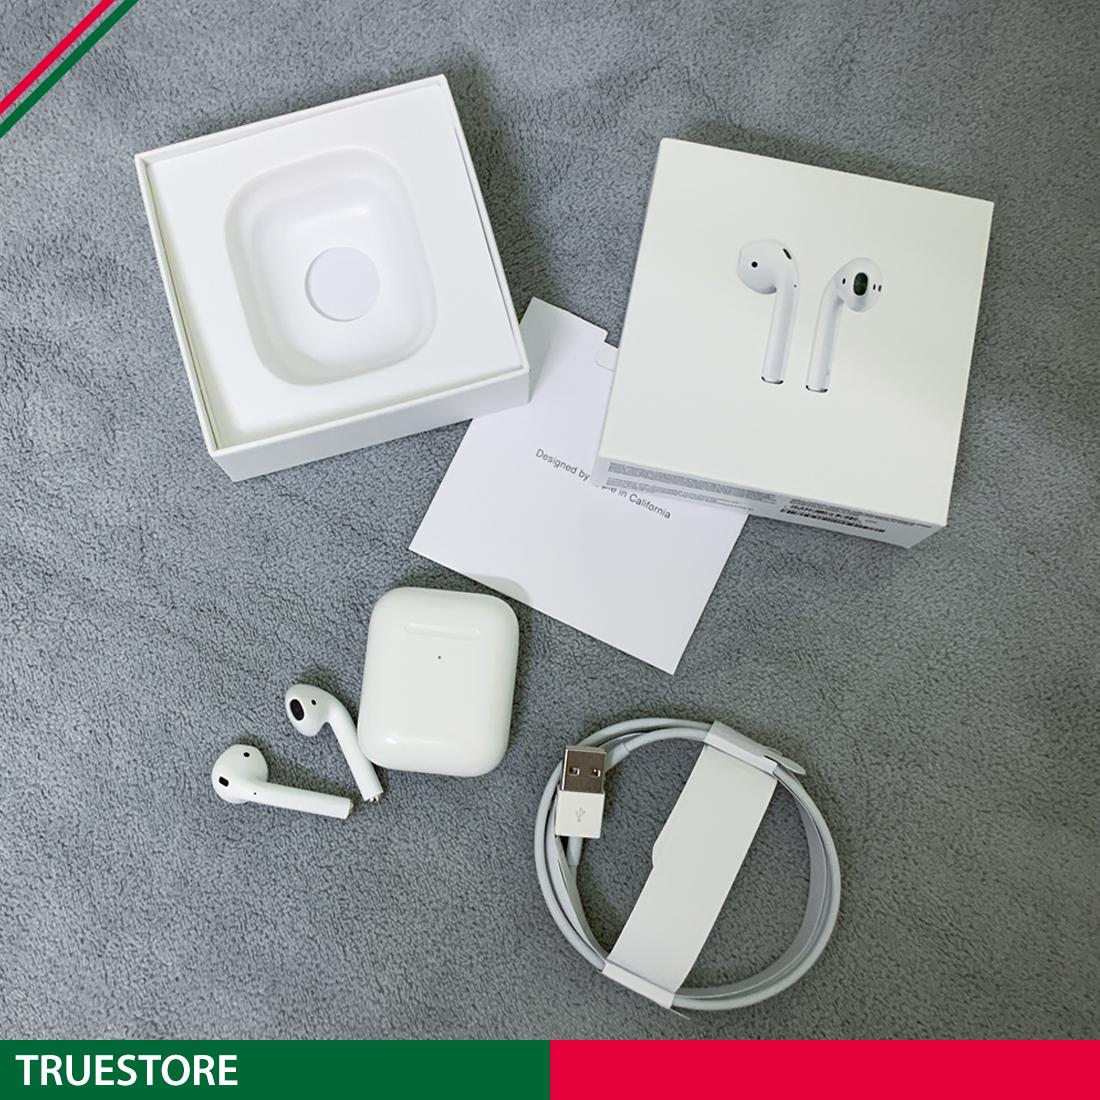 [ GIÁ SỐC GIẢM 50% ] Tai Nghe Bluetooth AirPods 2 True Wireless Full Box, Chip Jerry A8s Cao Cấp, Siêu Bass- Full Chức Năng Định Vị, Đổi Tên, Pop Up Tự Động, Tương Thích IOS & Androi [BH 3 tháng]